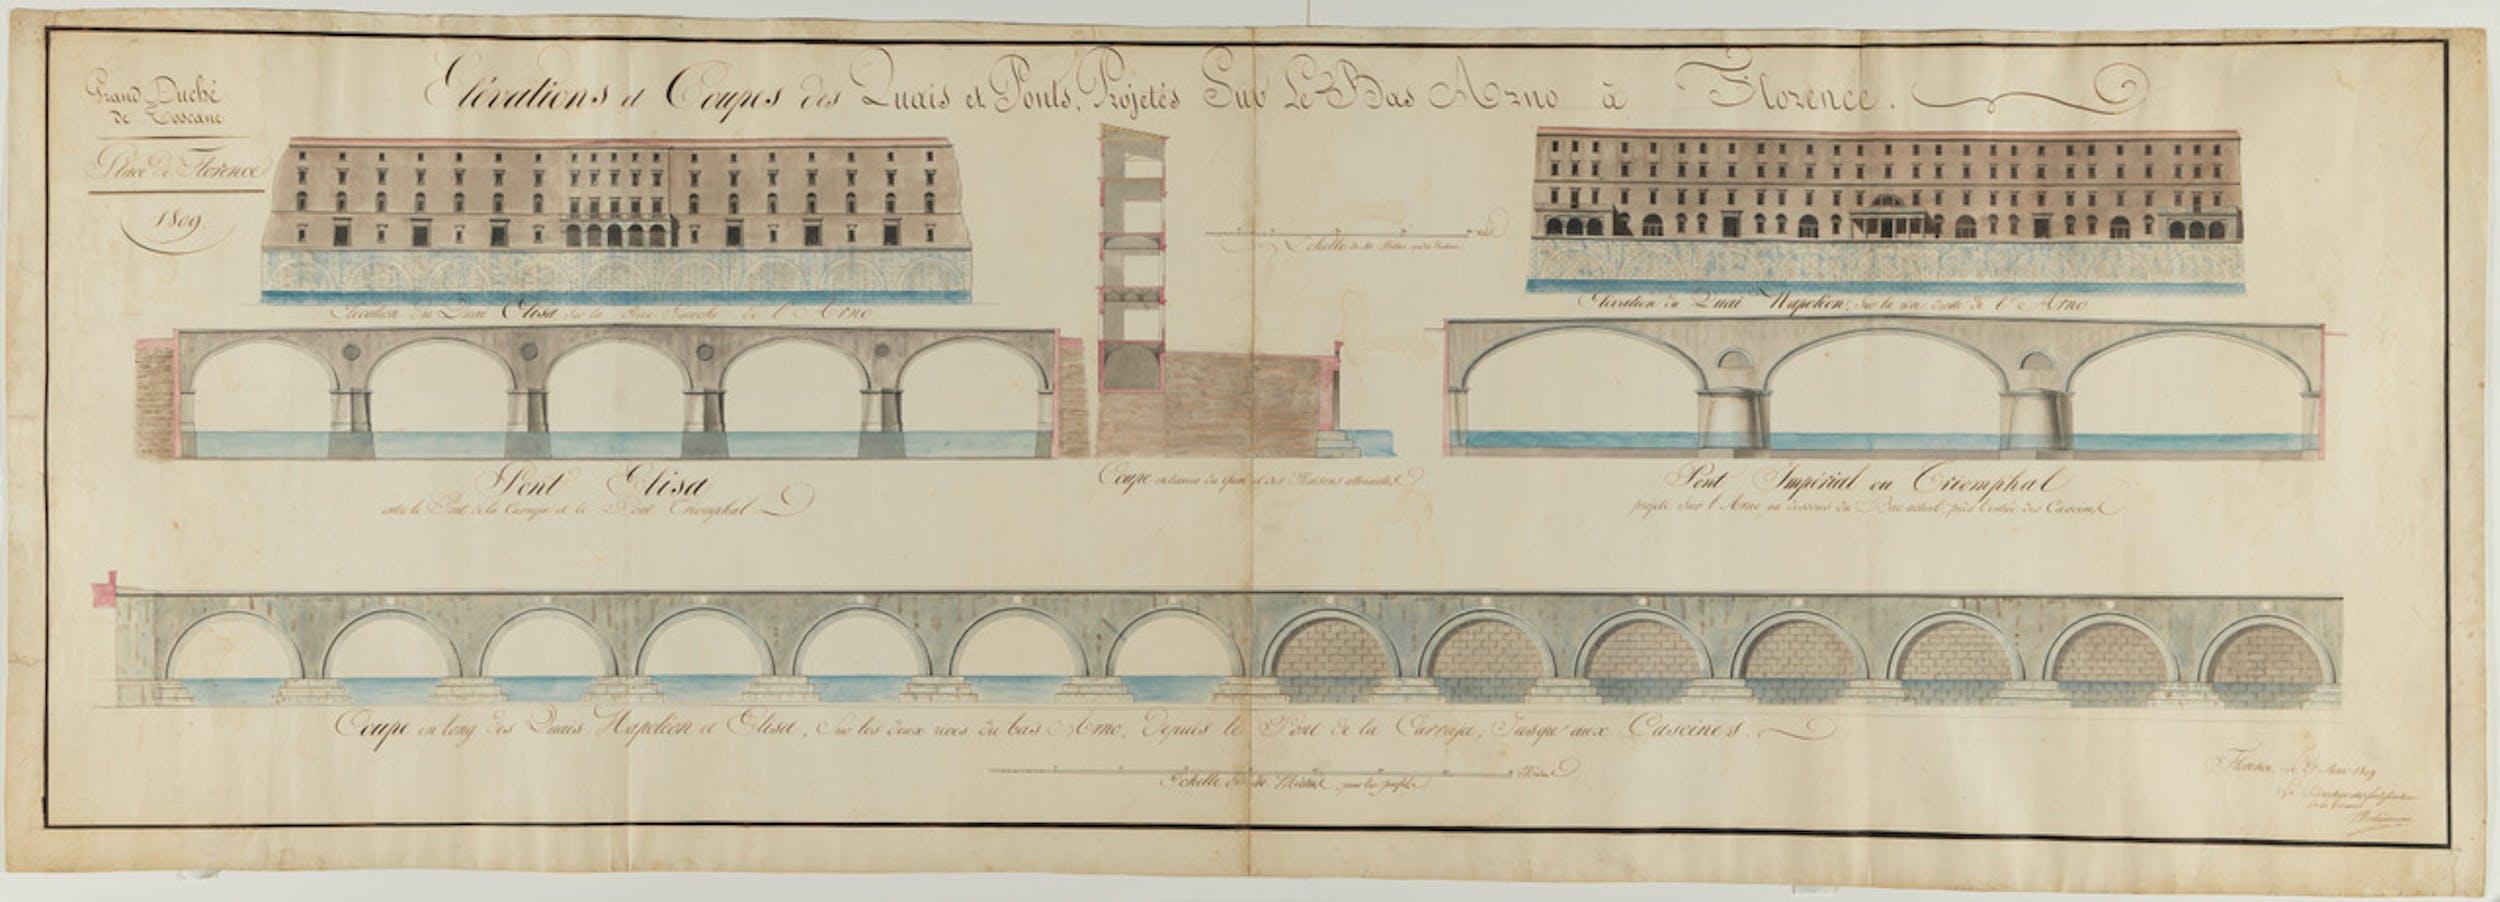 Progetto per due ponti sull'Arno - Hyacinthe Boucher de Morlaincourt